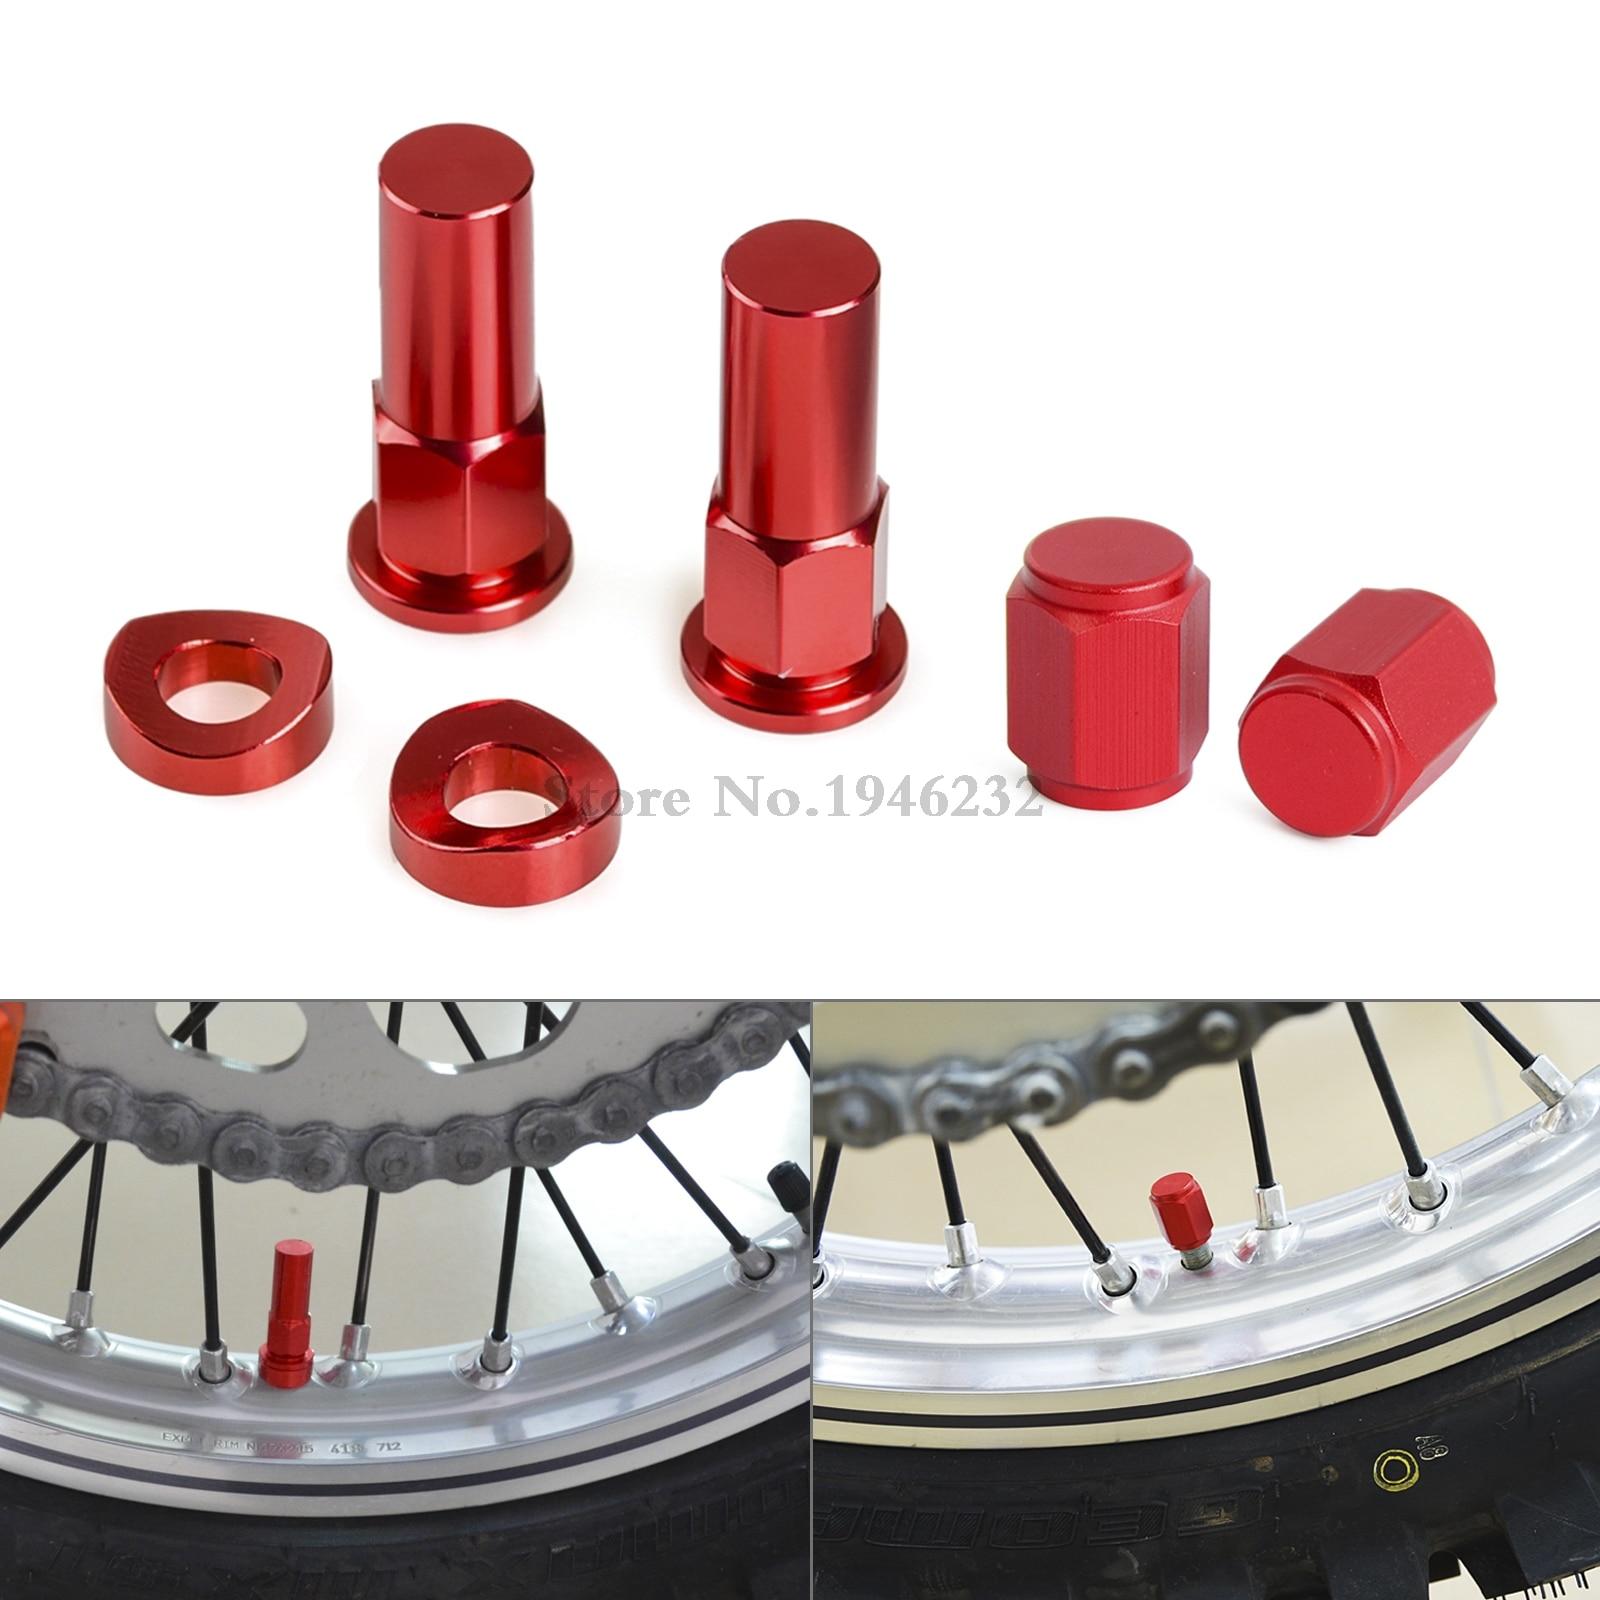 CNC Wheel Tire Valve Stem Caps Rim Lock Nut For Beta 250RR 350RR Yamaha MT09 MT07 FZ07 R1 R6 Honda CBR600 CB500 Z750 Z1000